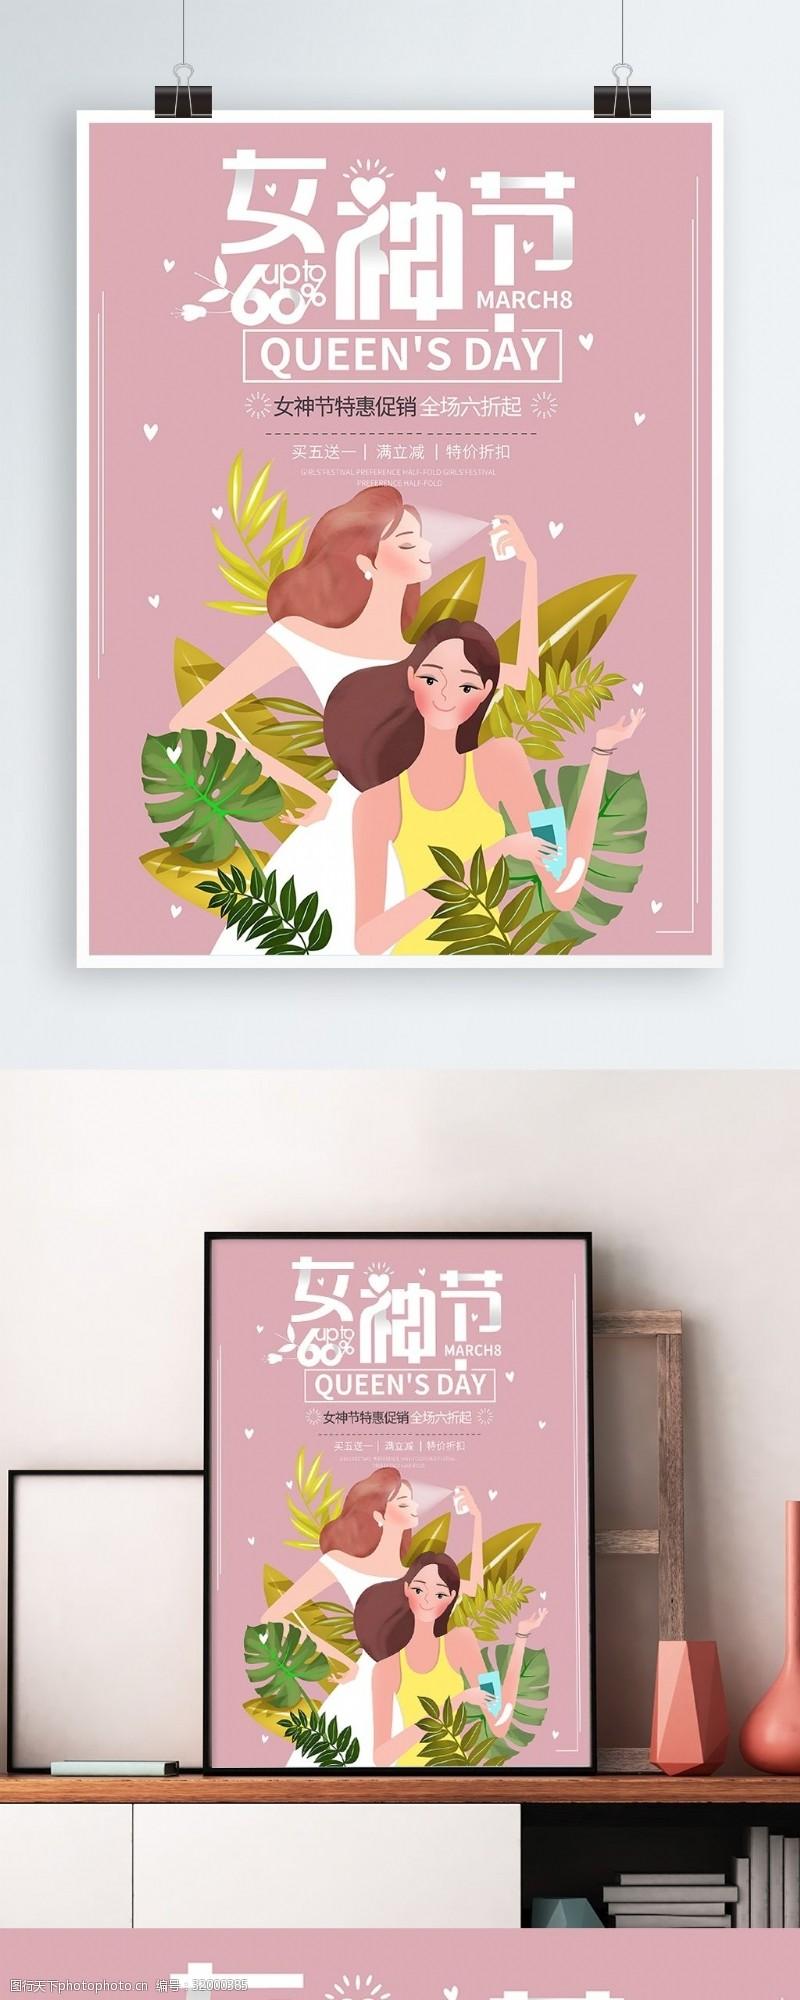 原创插画女神节促销海报模版下载